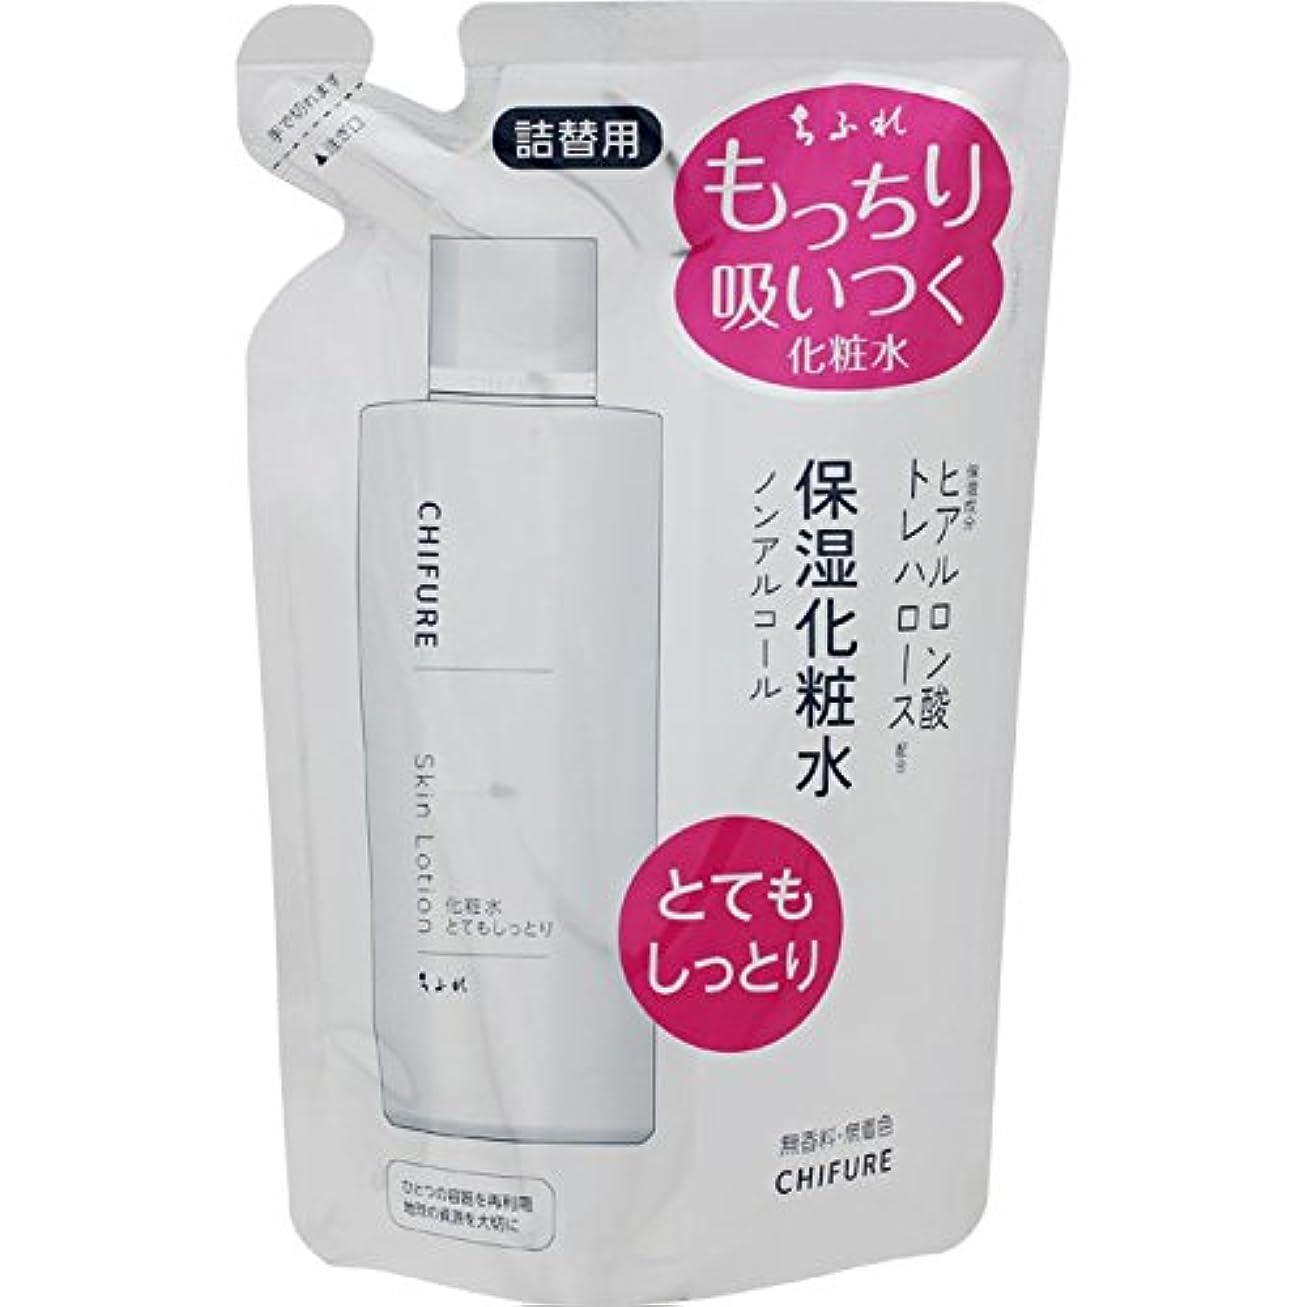 ぴかぴか冷淡なしっとりちふれ化粧品 化粧水 とてもしっとりタイプ 詰替用 150ML